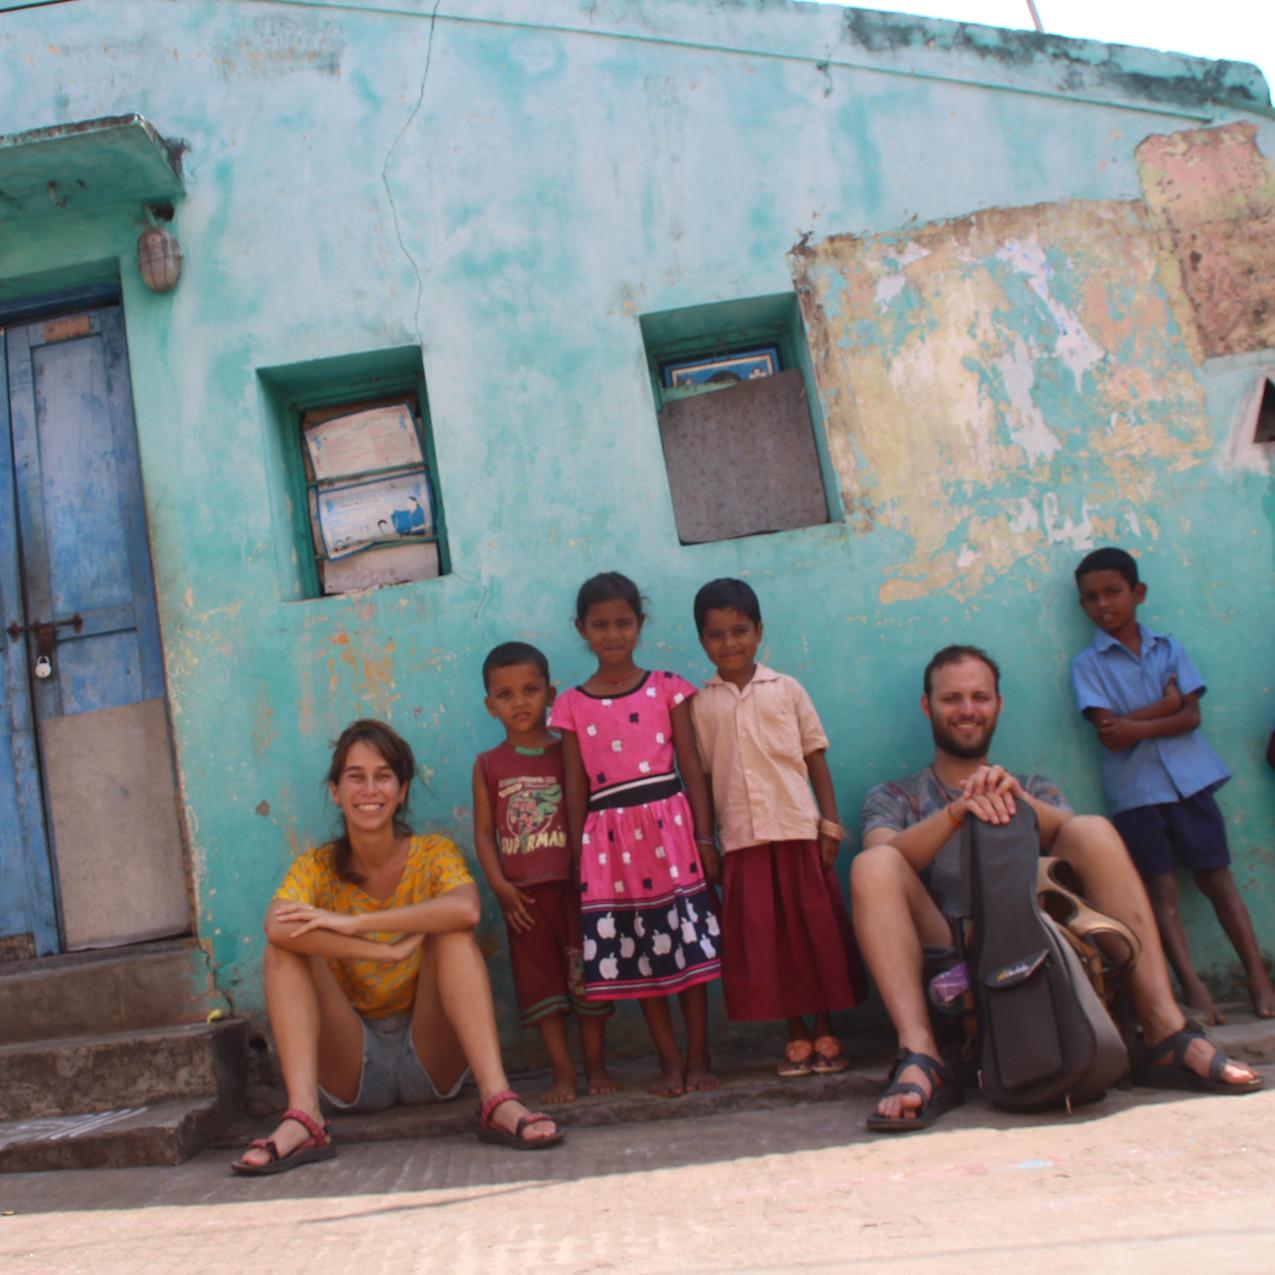 עם ילדים הודים בממלפוראם, הודו